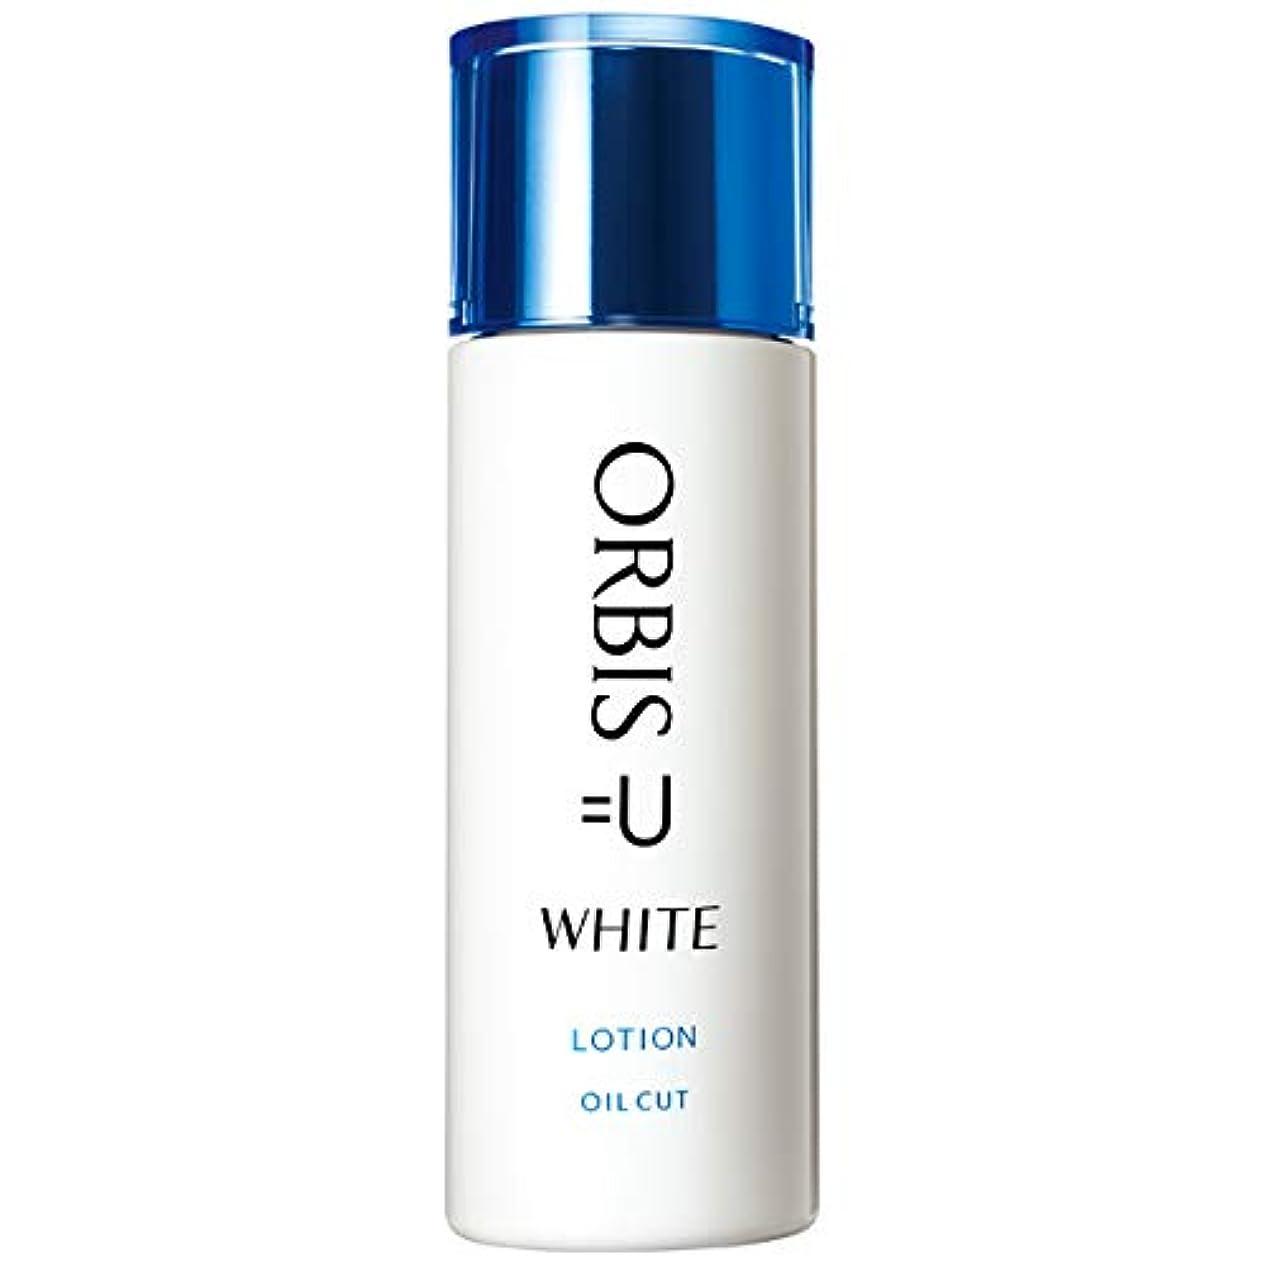 ミトン犠牲相関するオルビス(ORBIS) オルビスユー ホワイト ローション 180mL 化粧水 [医薬部外品]